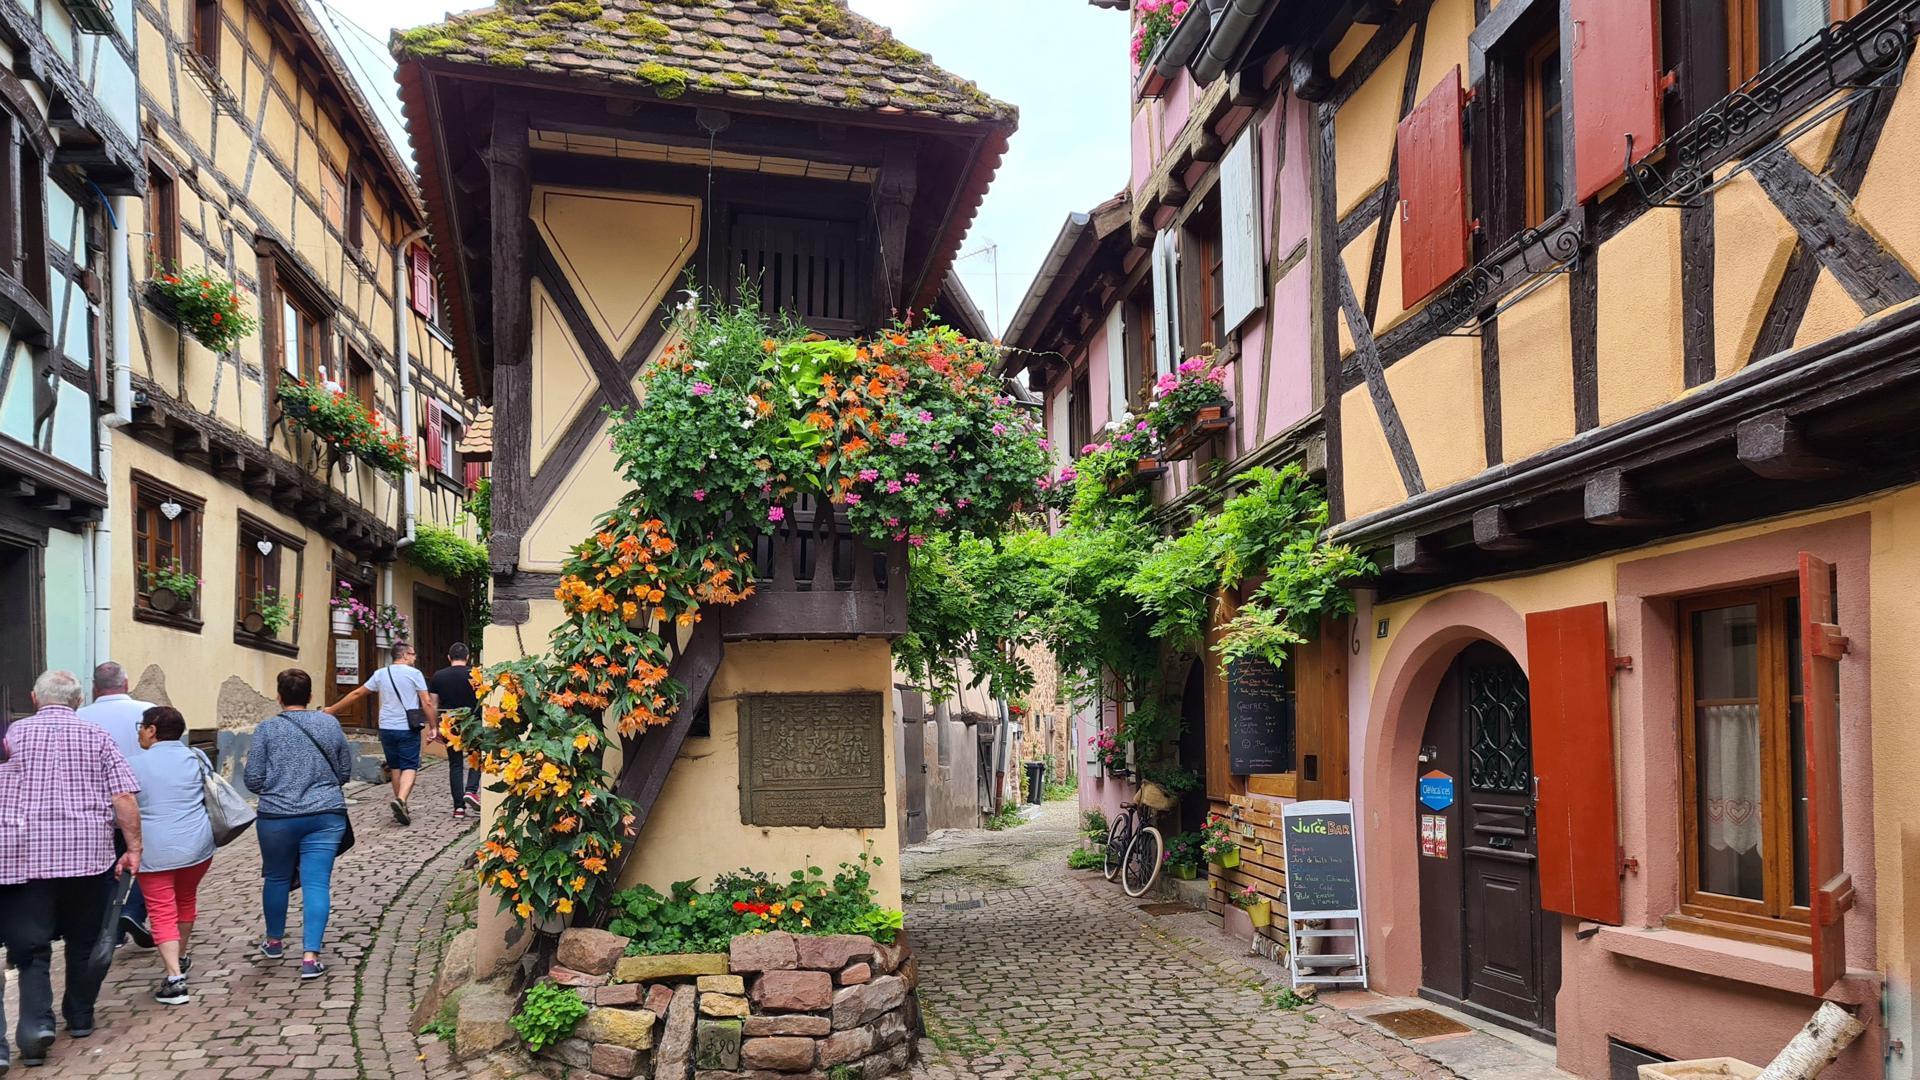 Eines der schönsten Dörfer Frankreichs: Eguisheim, nur wenige Kilometer von Colmar entfernt, ist die Heimat vieler Winzerbetriebe. Hier werden mit dem Eichberg und der Pfersigberg gleich zwei der besten Weine der Region produziert.